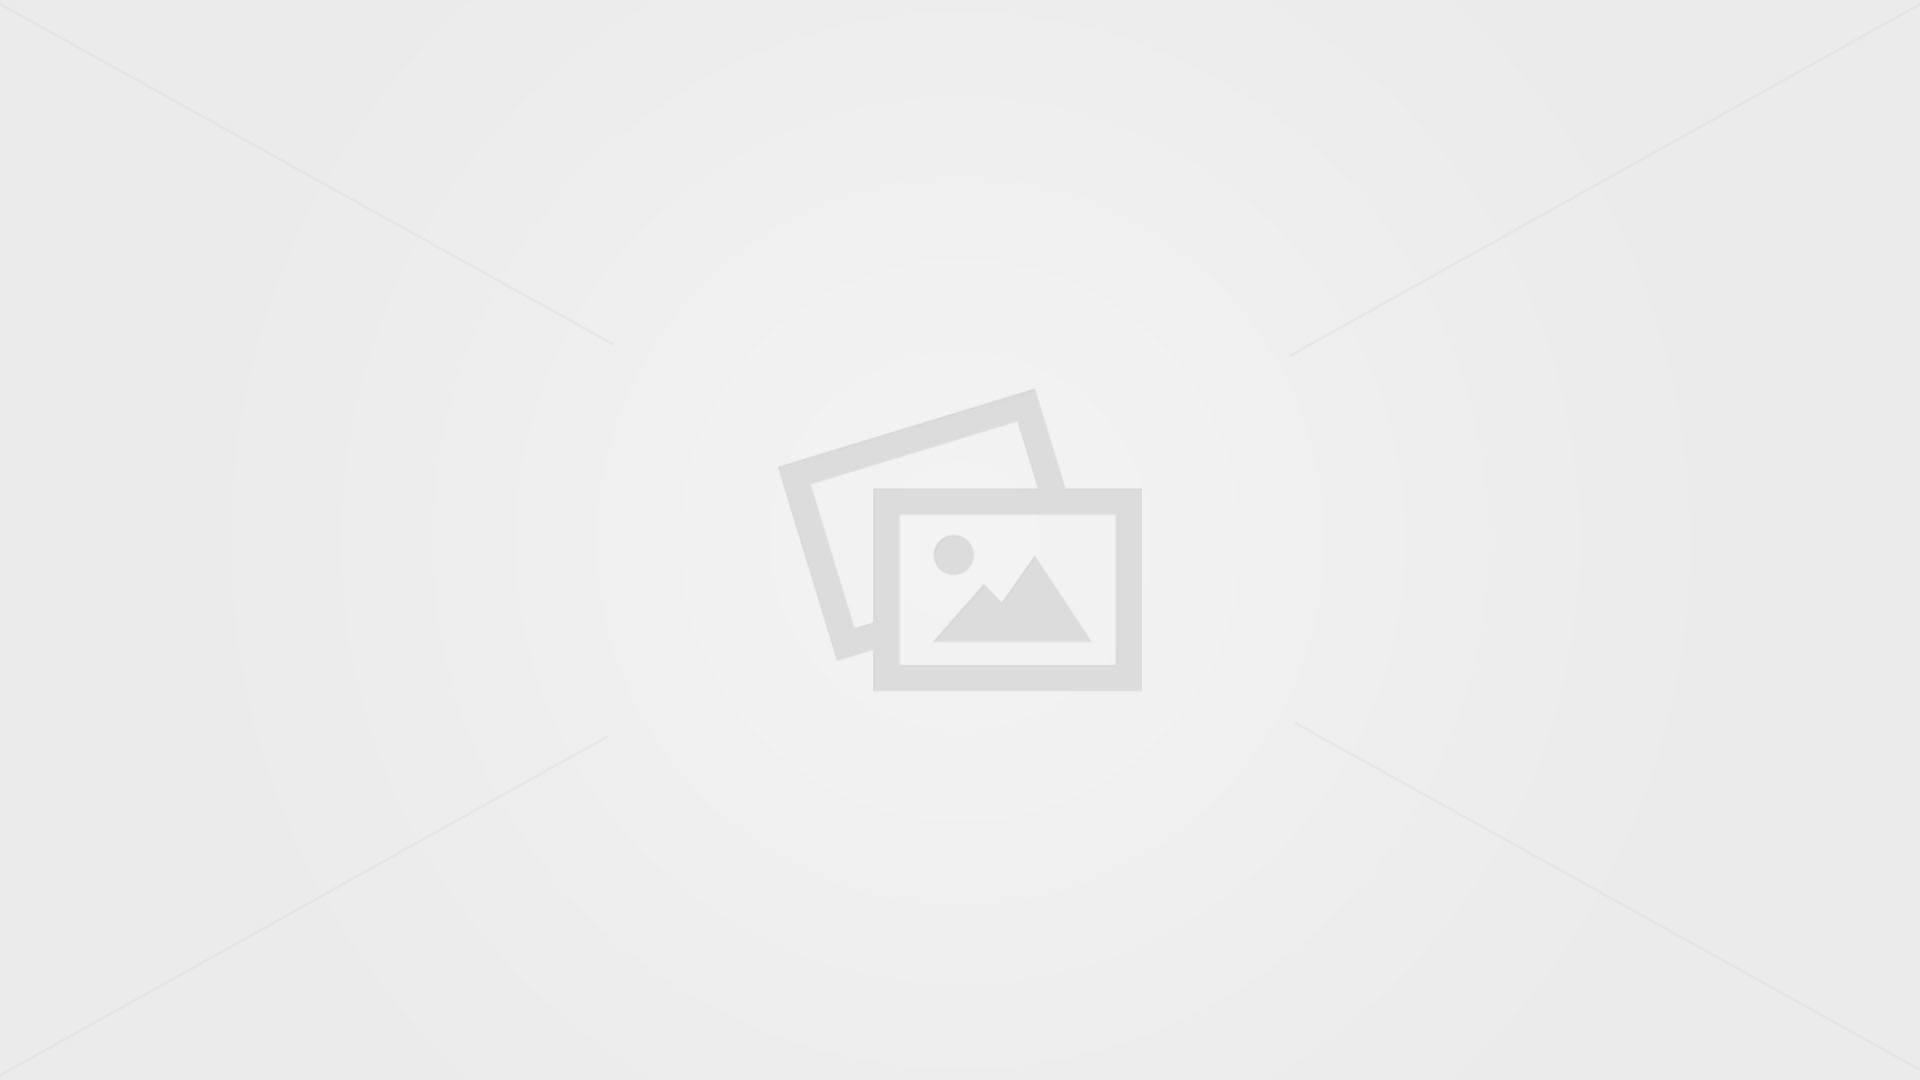 صفحه اینستاگرام رهبری رفع انسداد شد